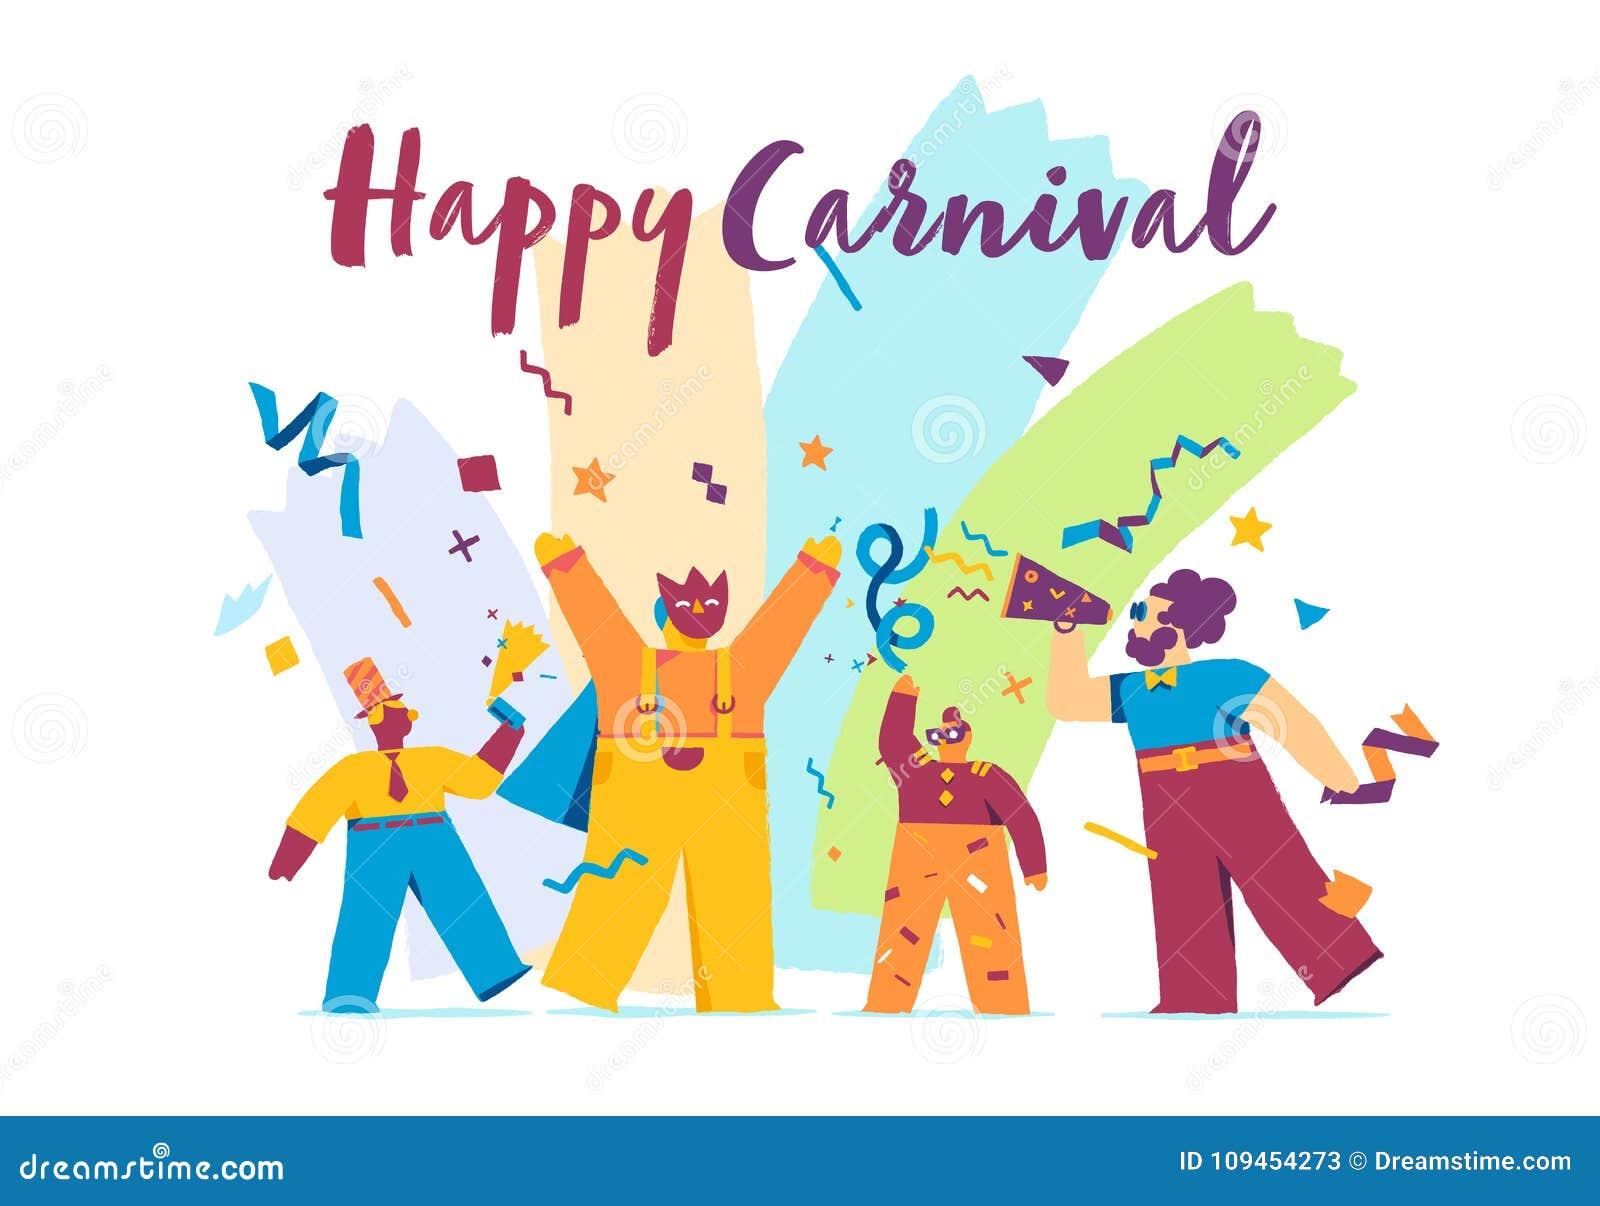 Ευτυχής εορταστική έννοια καρναβαλιού με την αστεία μάσκα χαρακτήρων